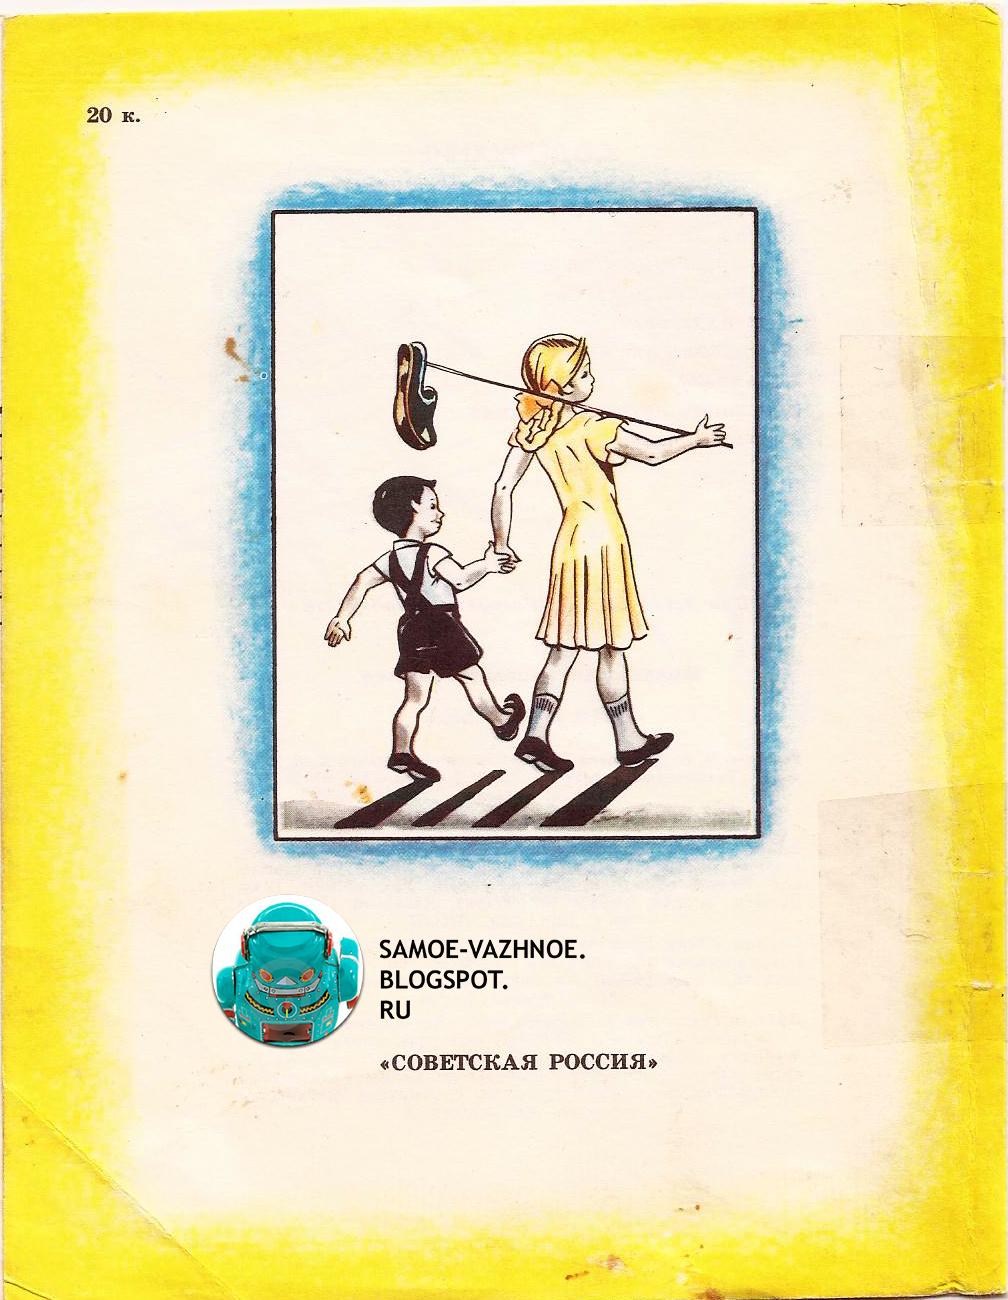 Читать ли детям умеющим читать